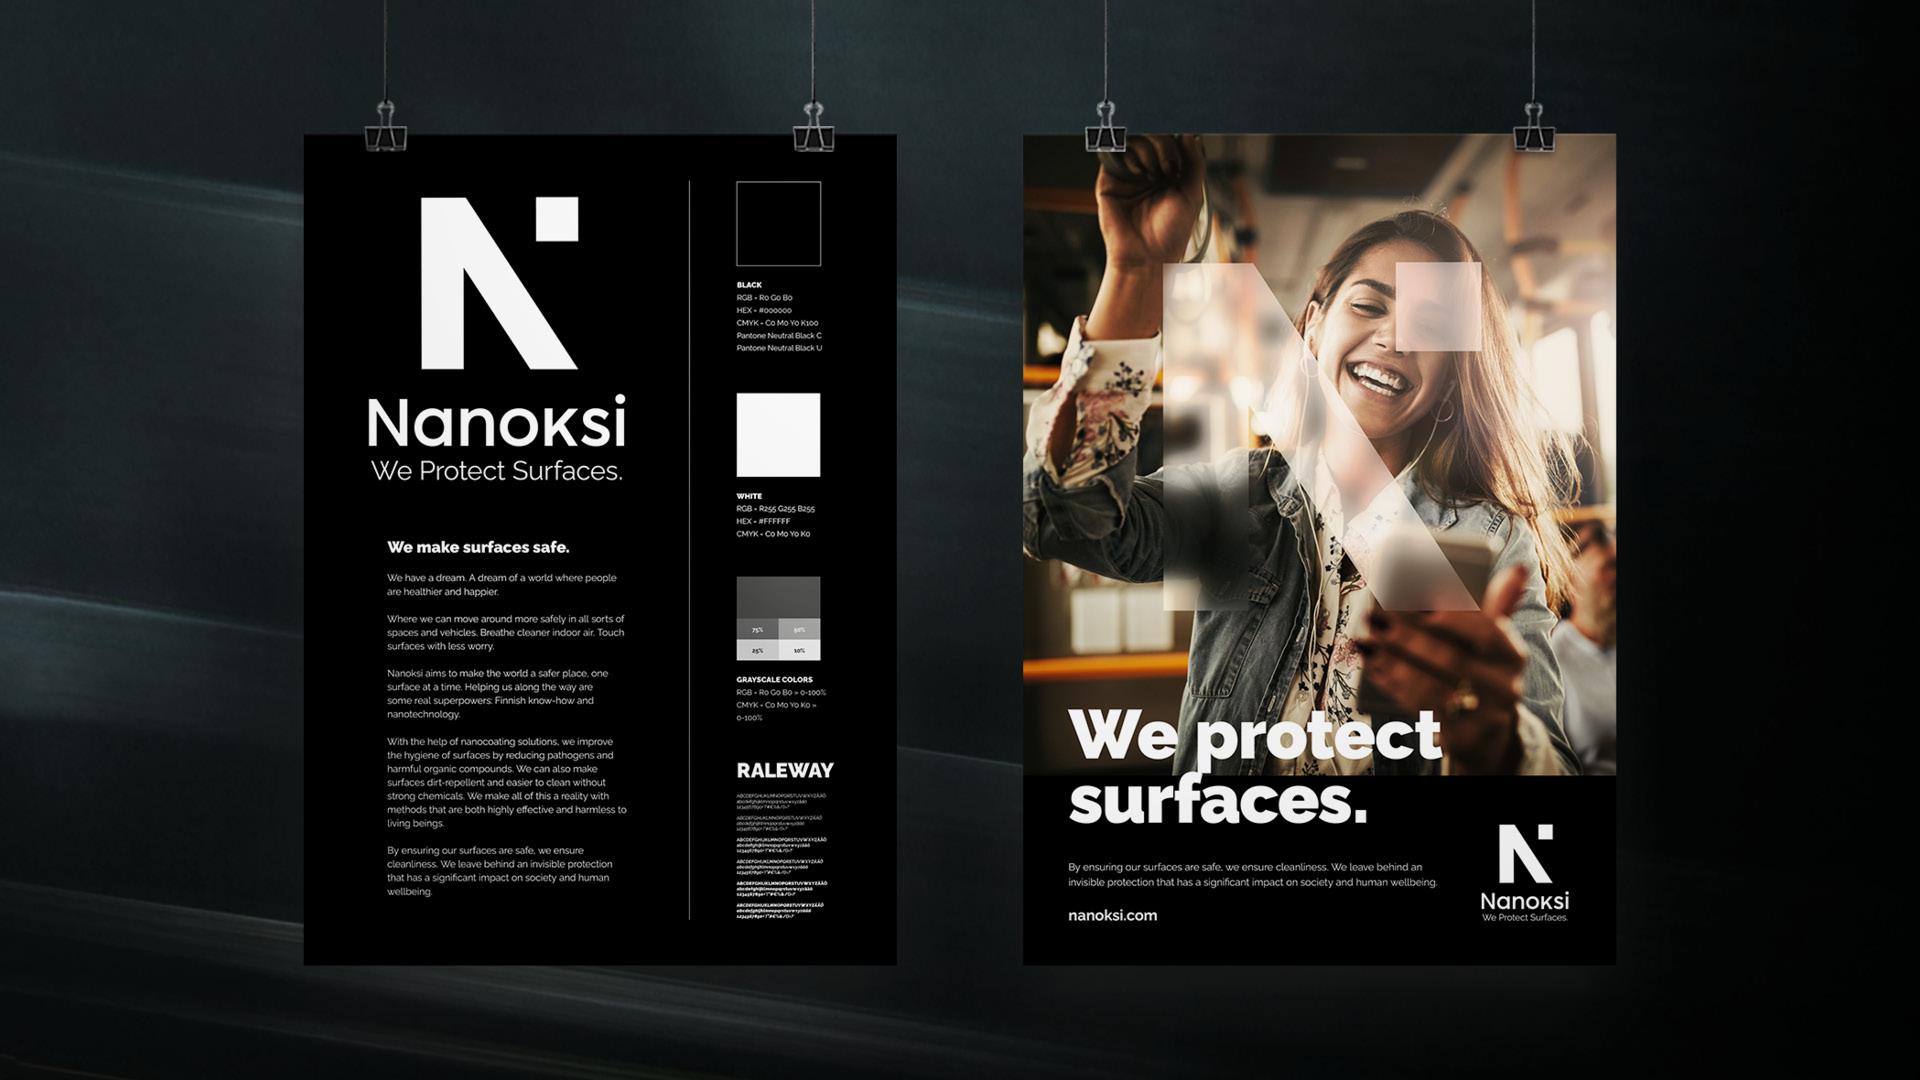 nanoksi-refe-eng-1.jpg